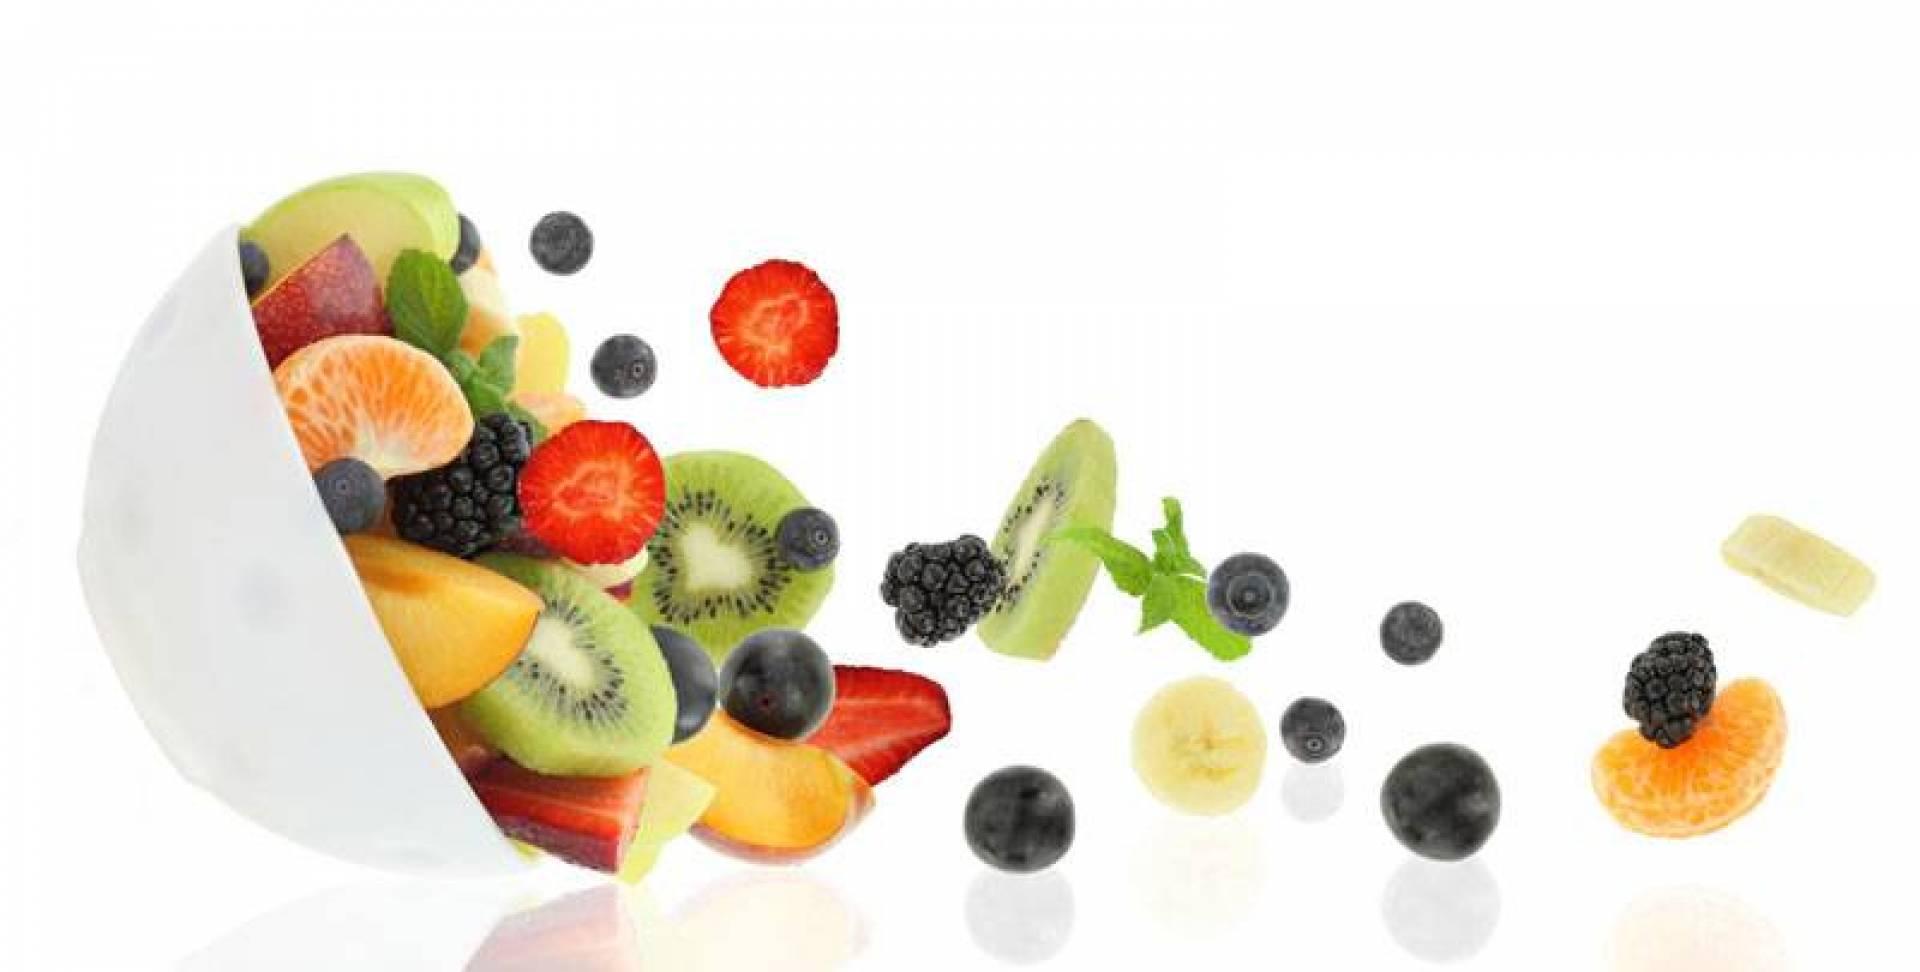 أفضل أنواع الفواكه لمرضى السكّري